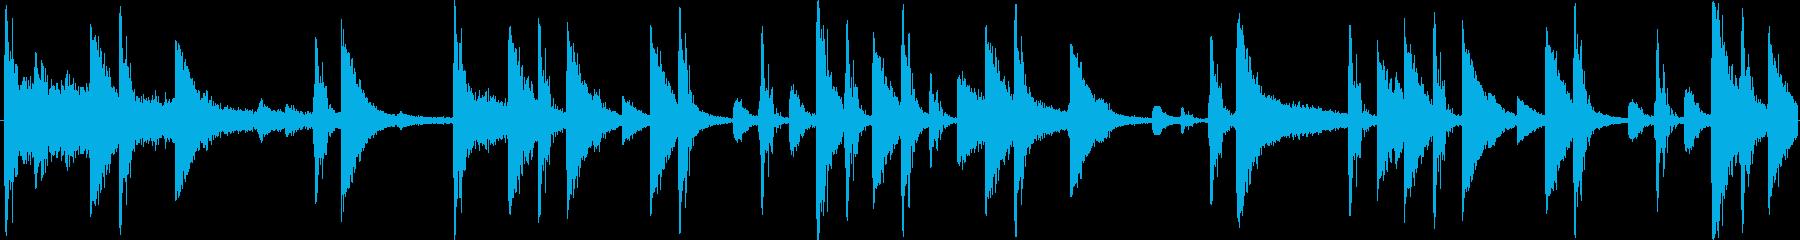 ロックのドラムをイメージした楽曲です。の再生済みの波形